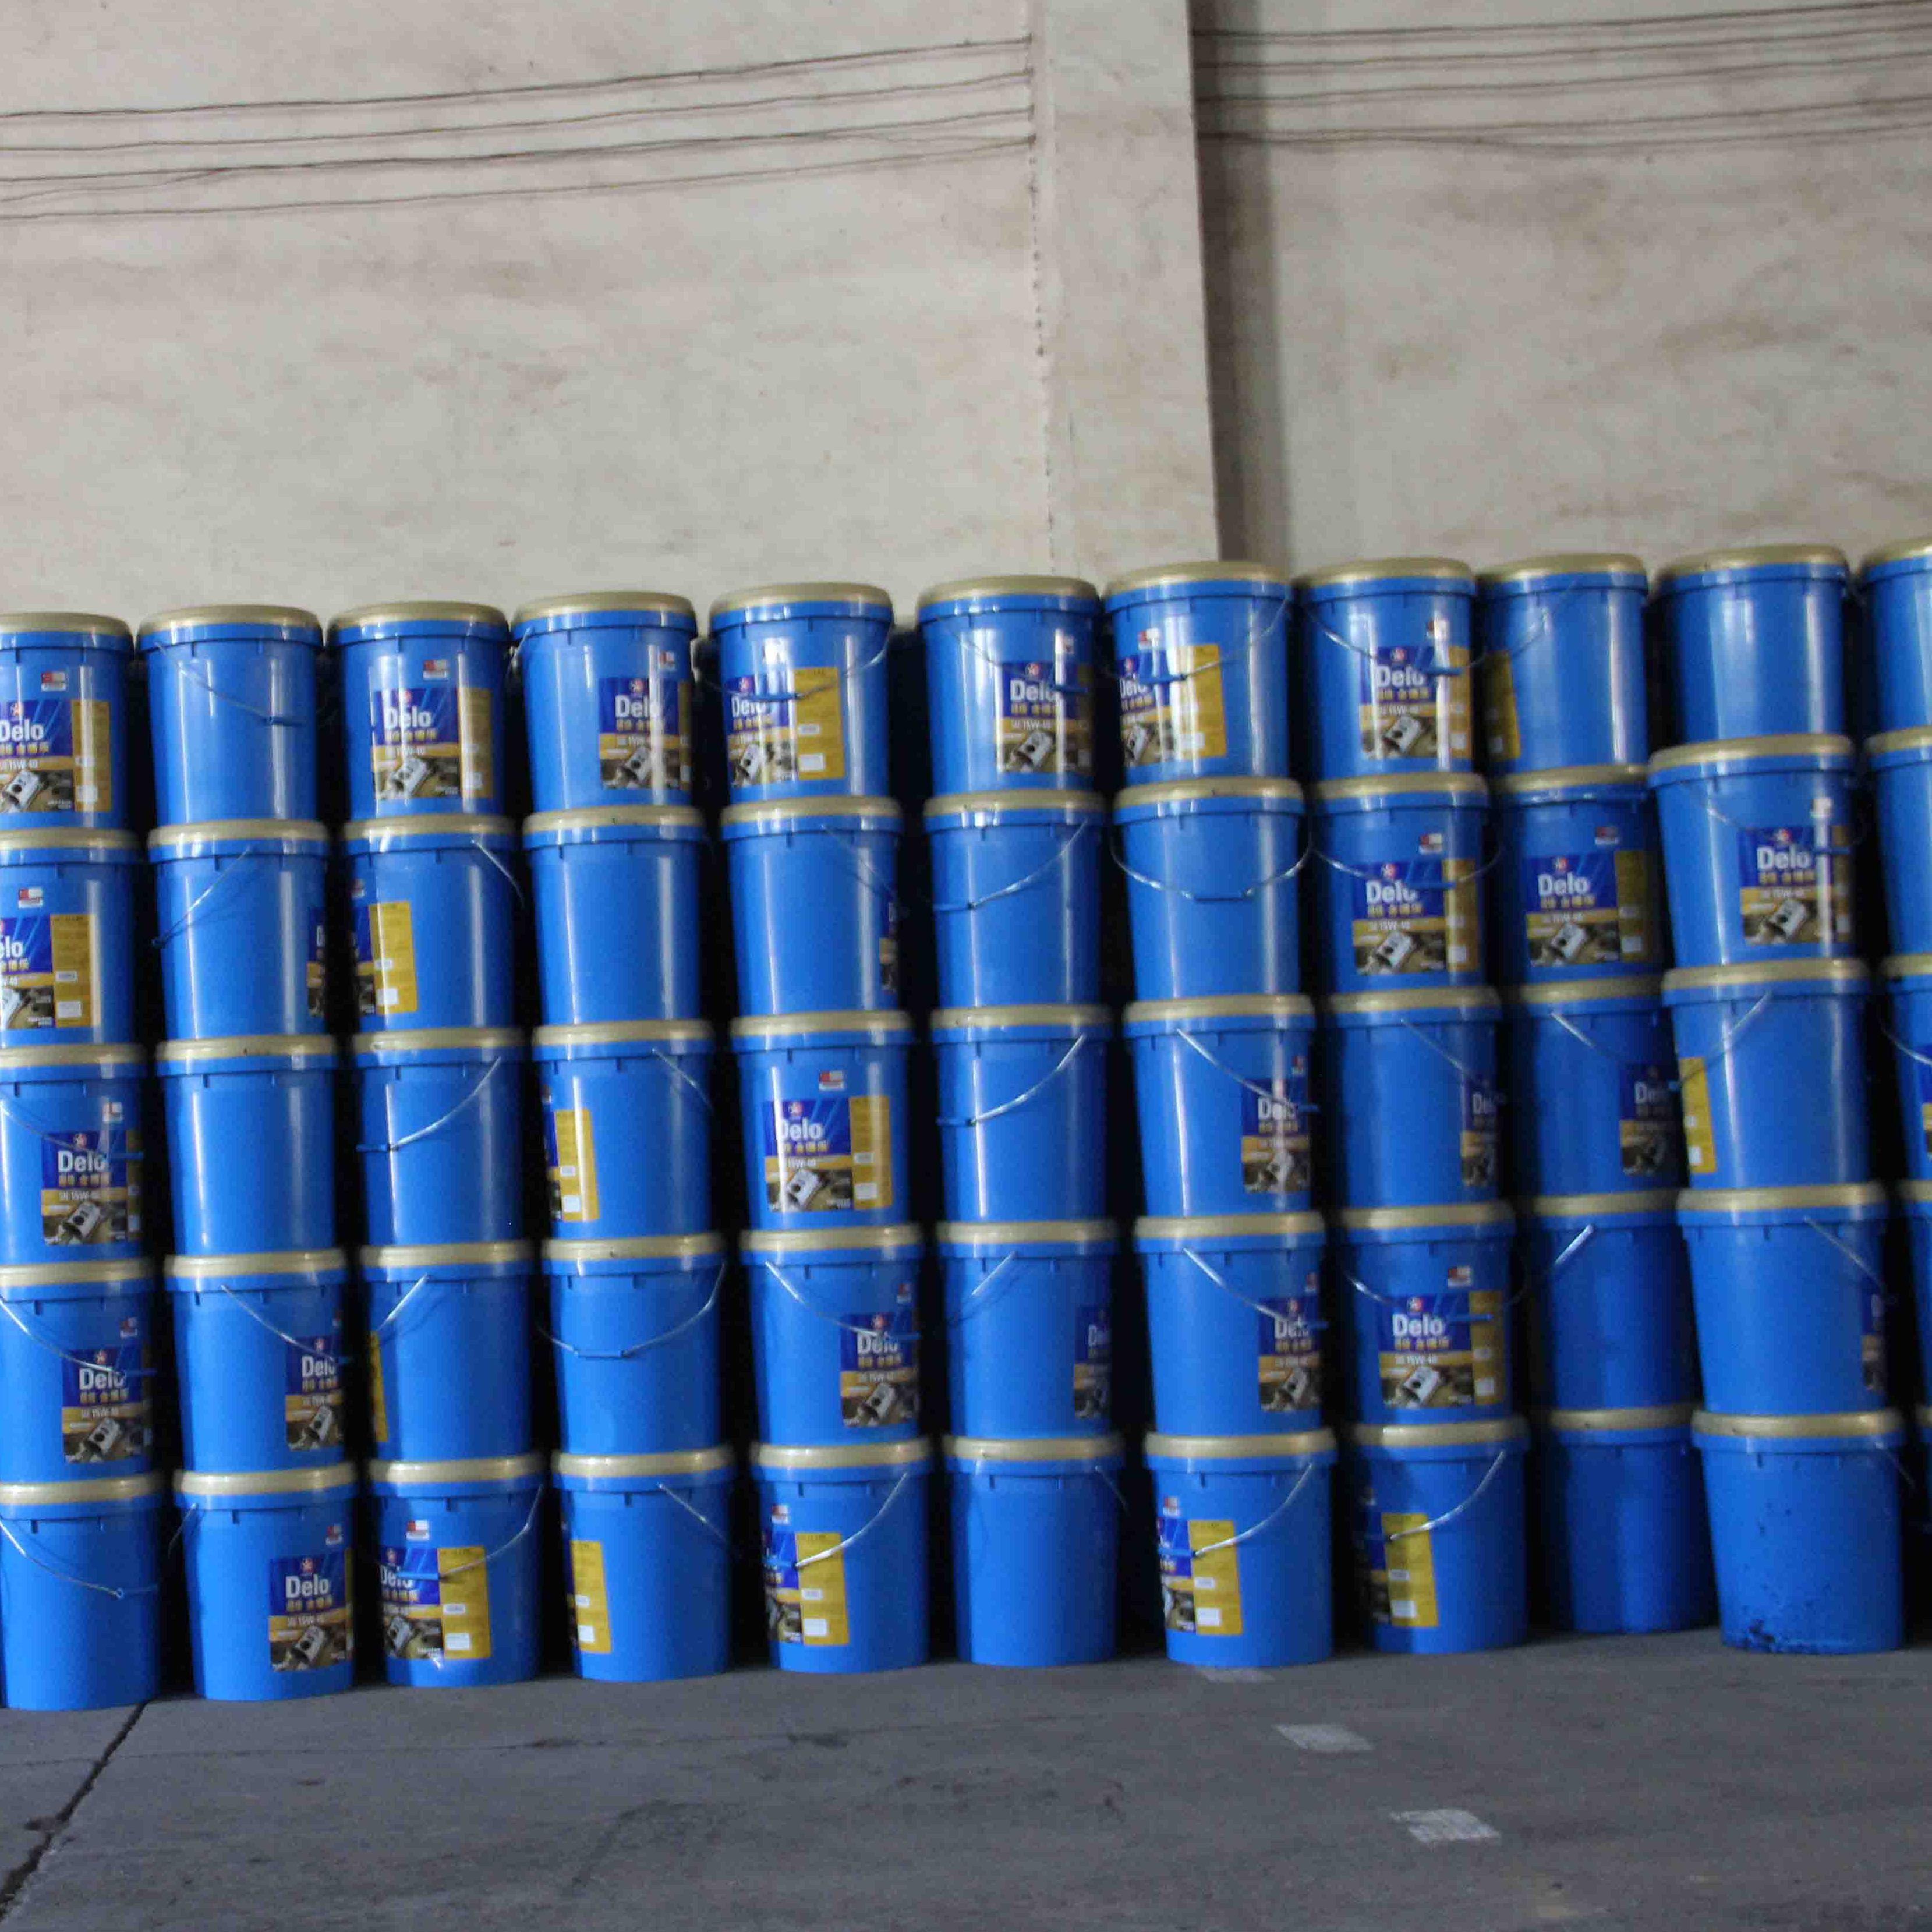 加德士潤滑油超級金德樂CI-4 15W-40柴機油